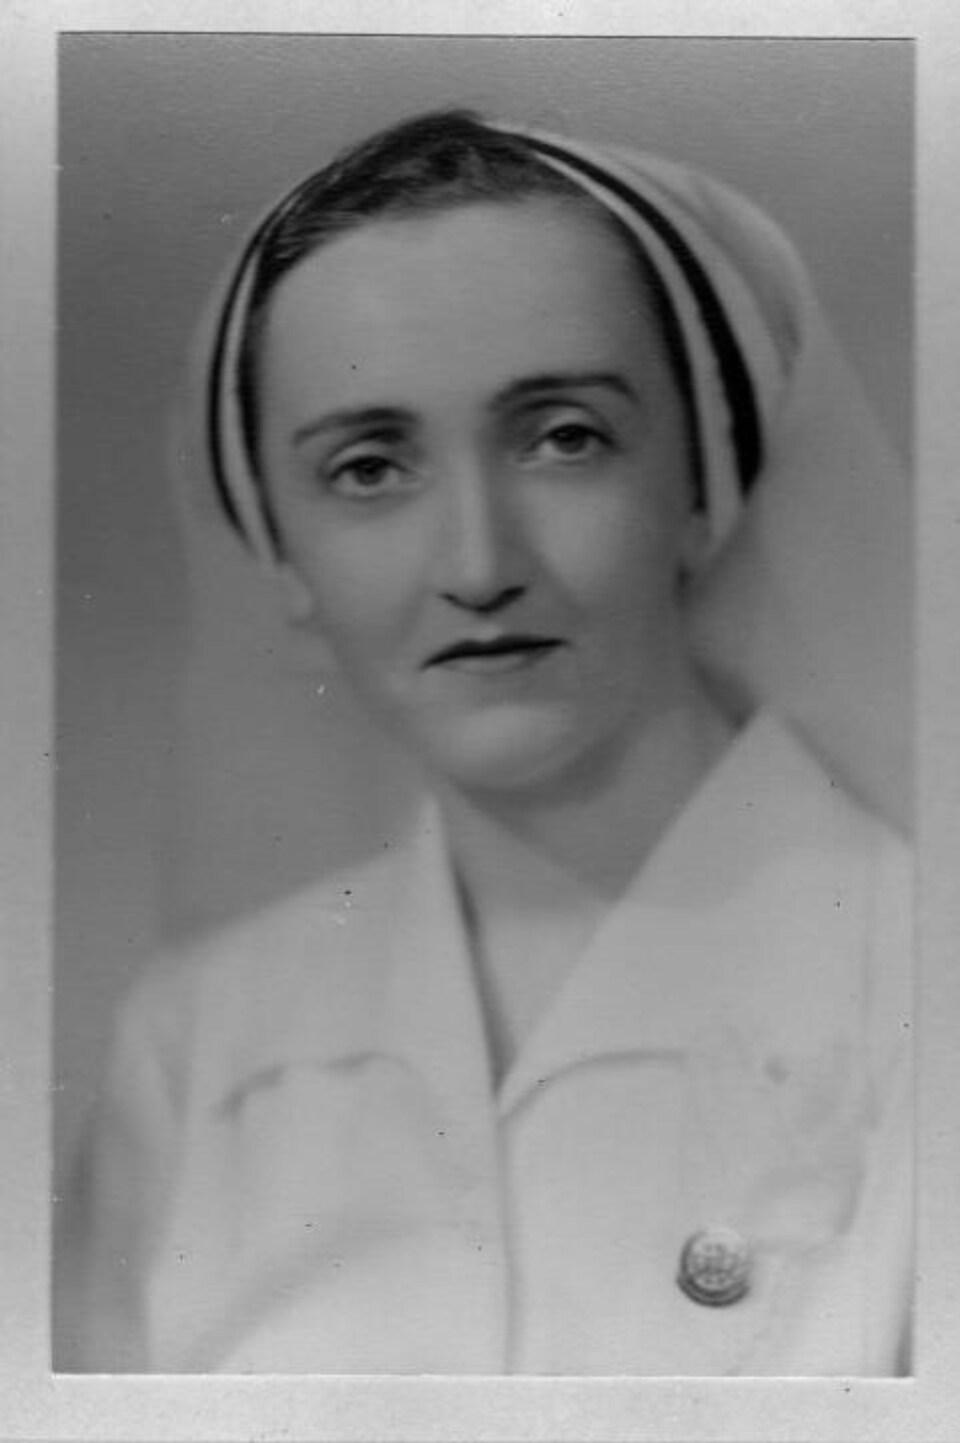 Portrait en noir et blanc de Martha Arsenault dans son uniforme d'infirmière